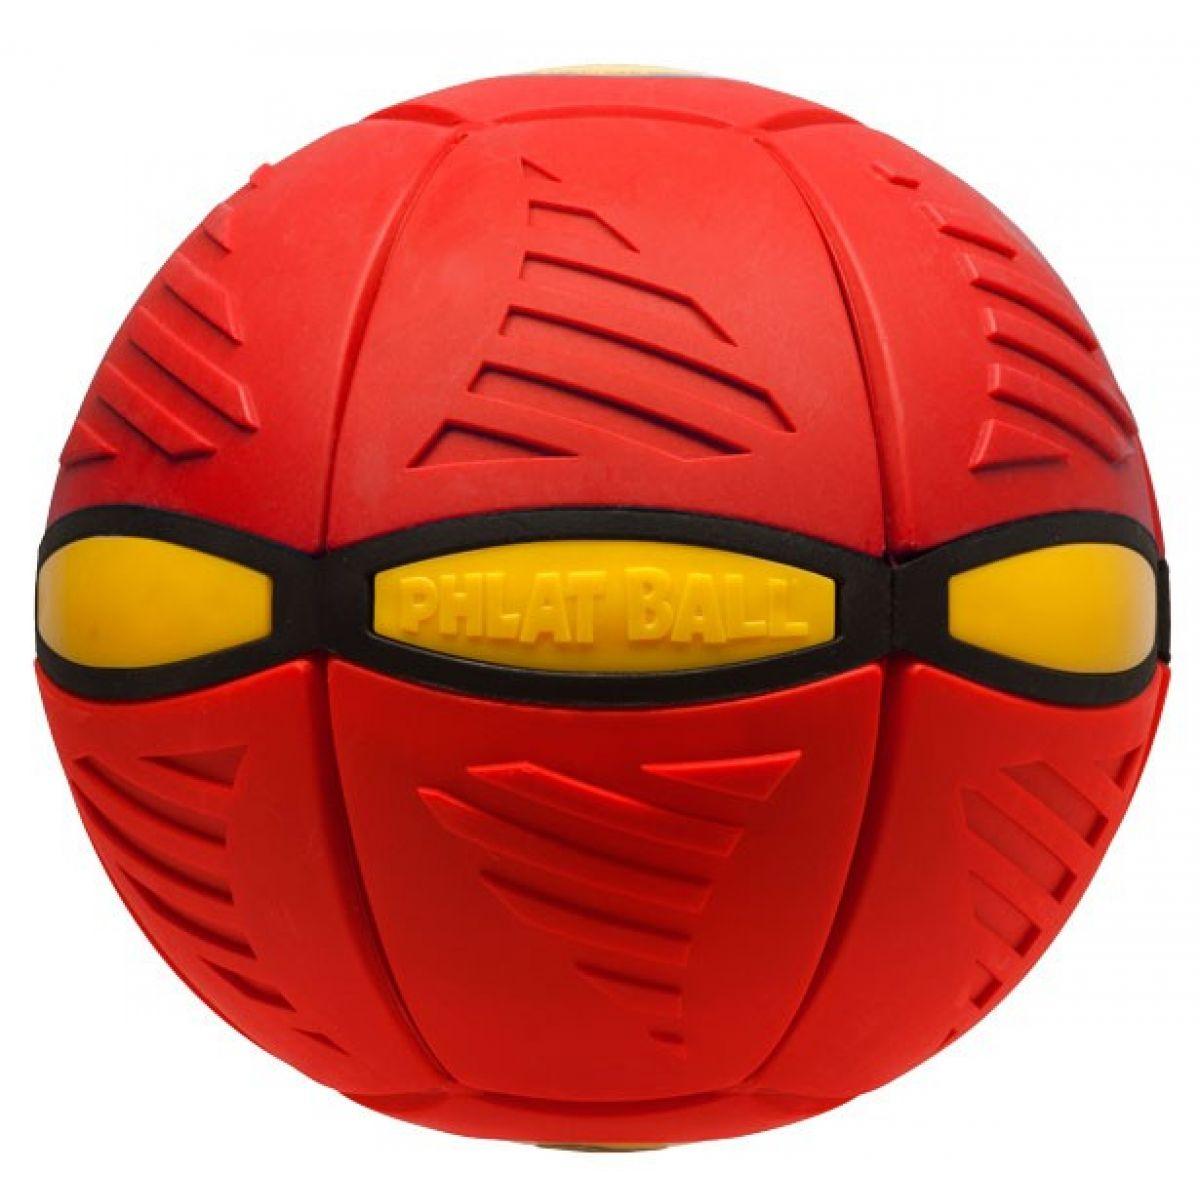 Phlat Ball V3 - Červená